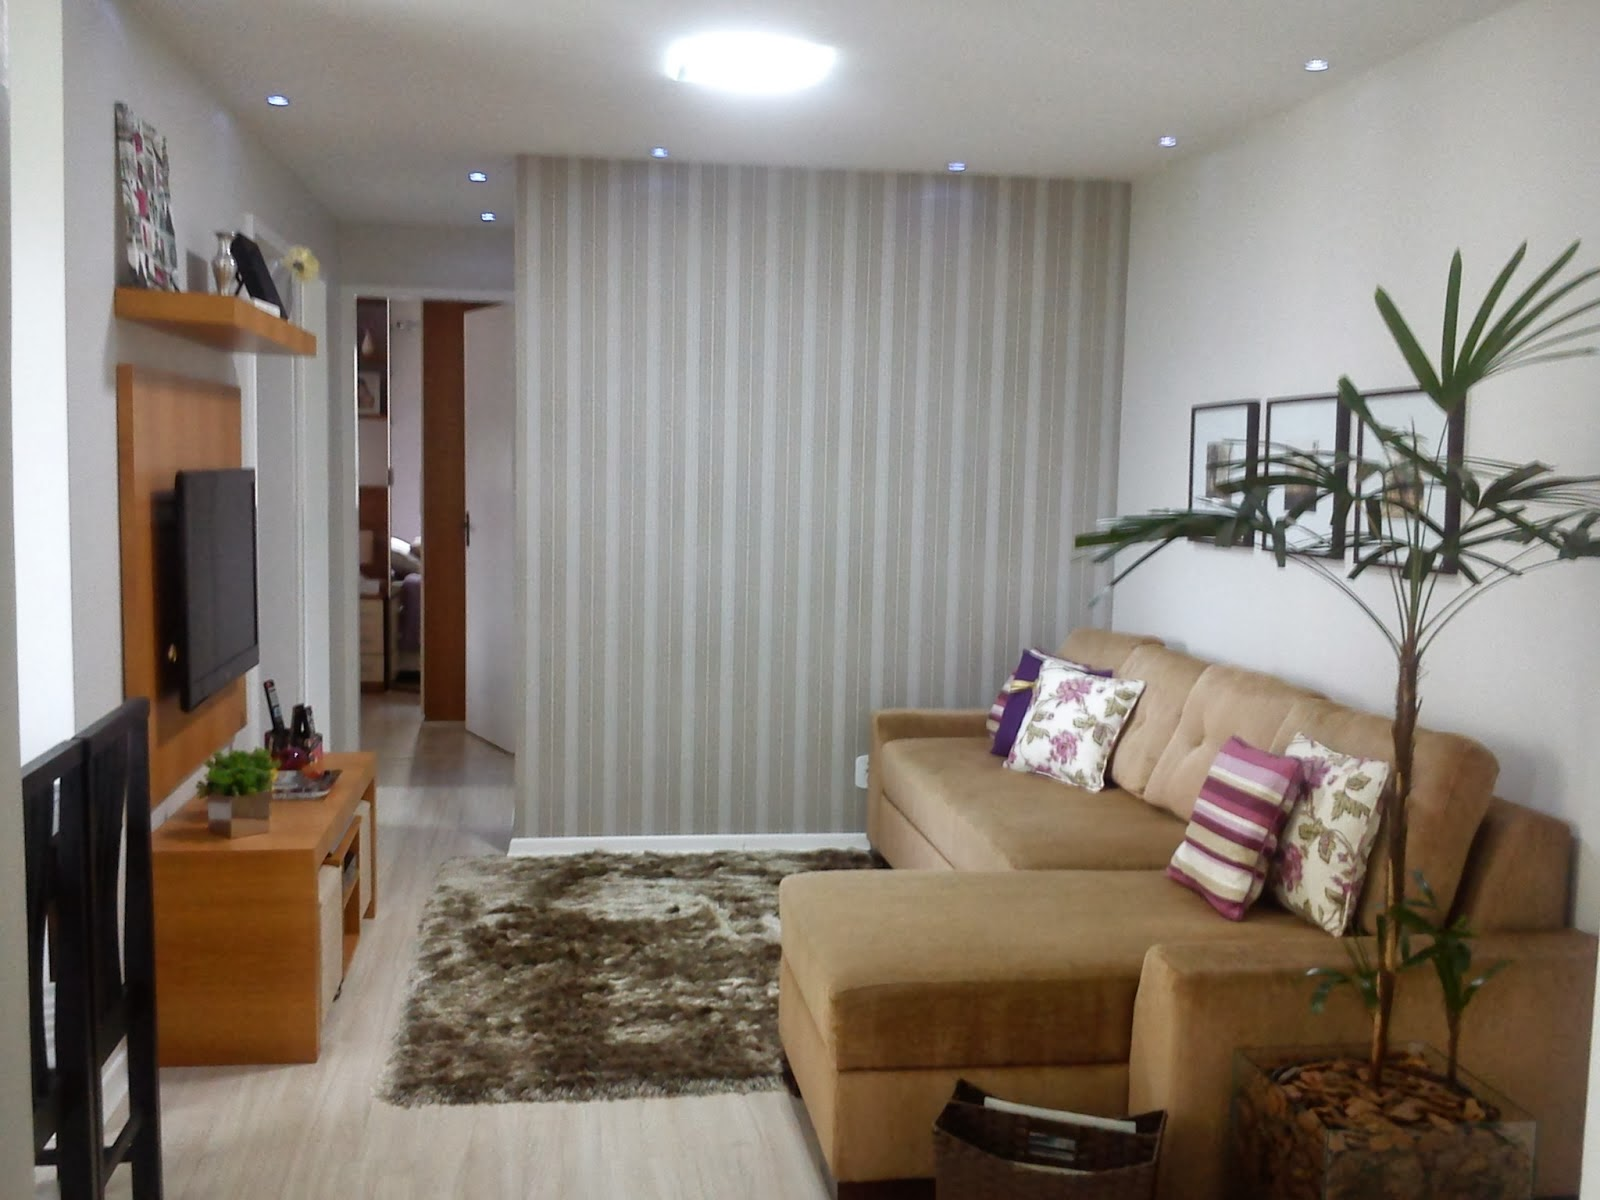 Uma Sala Pequena Decorada ~ Dicas para decorar uma sala pequena  Decoração e Ideias